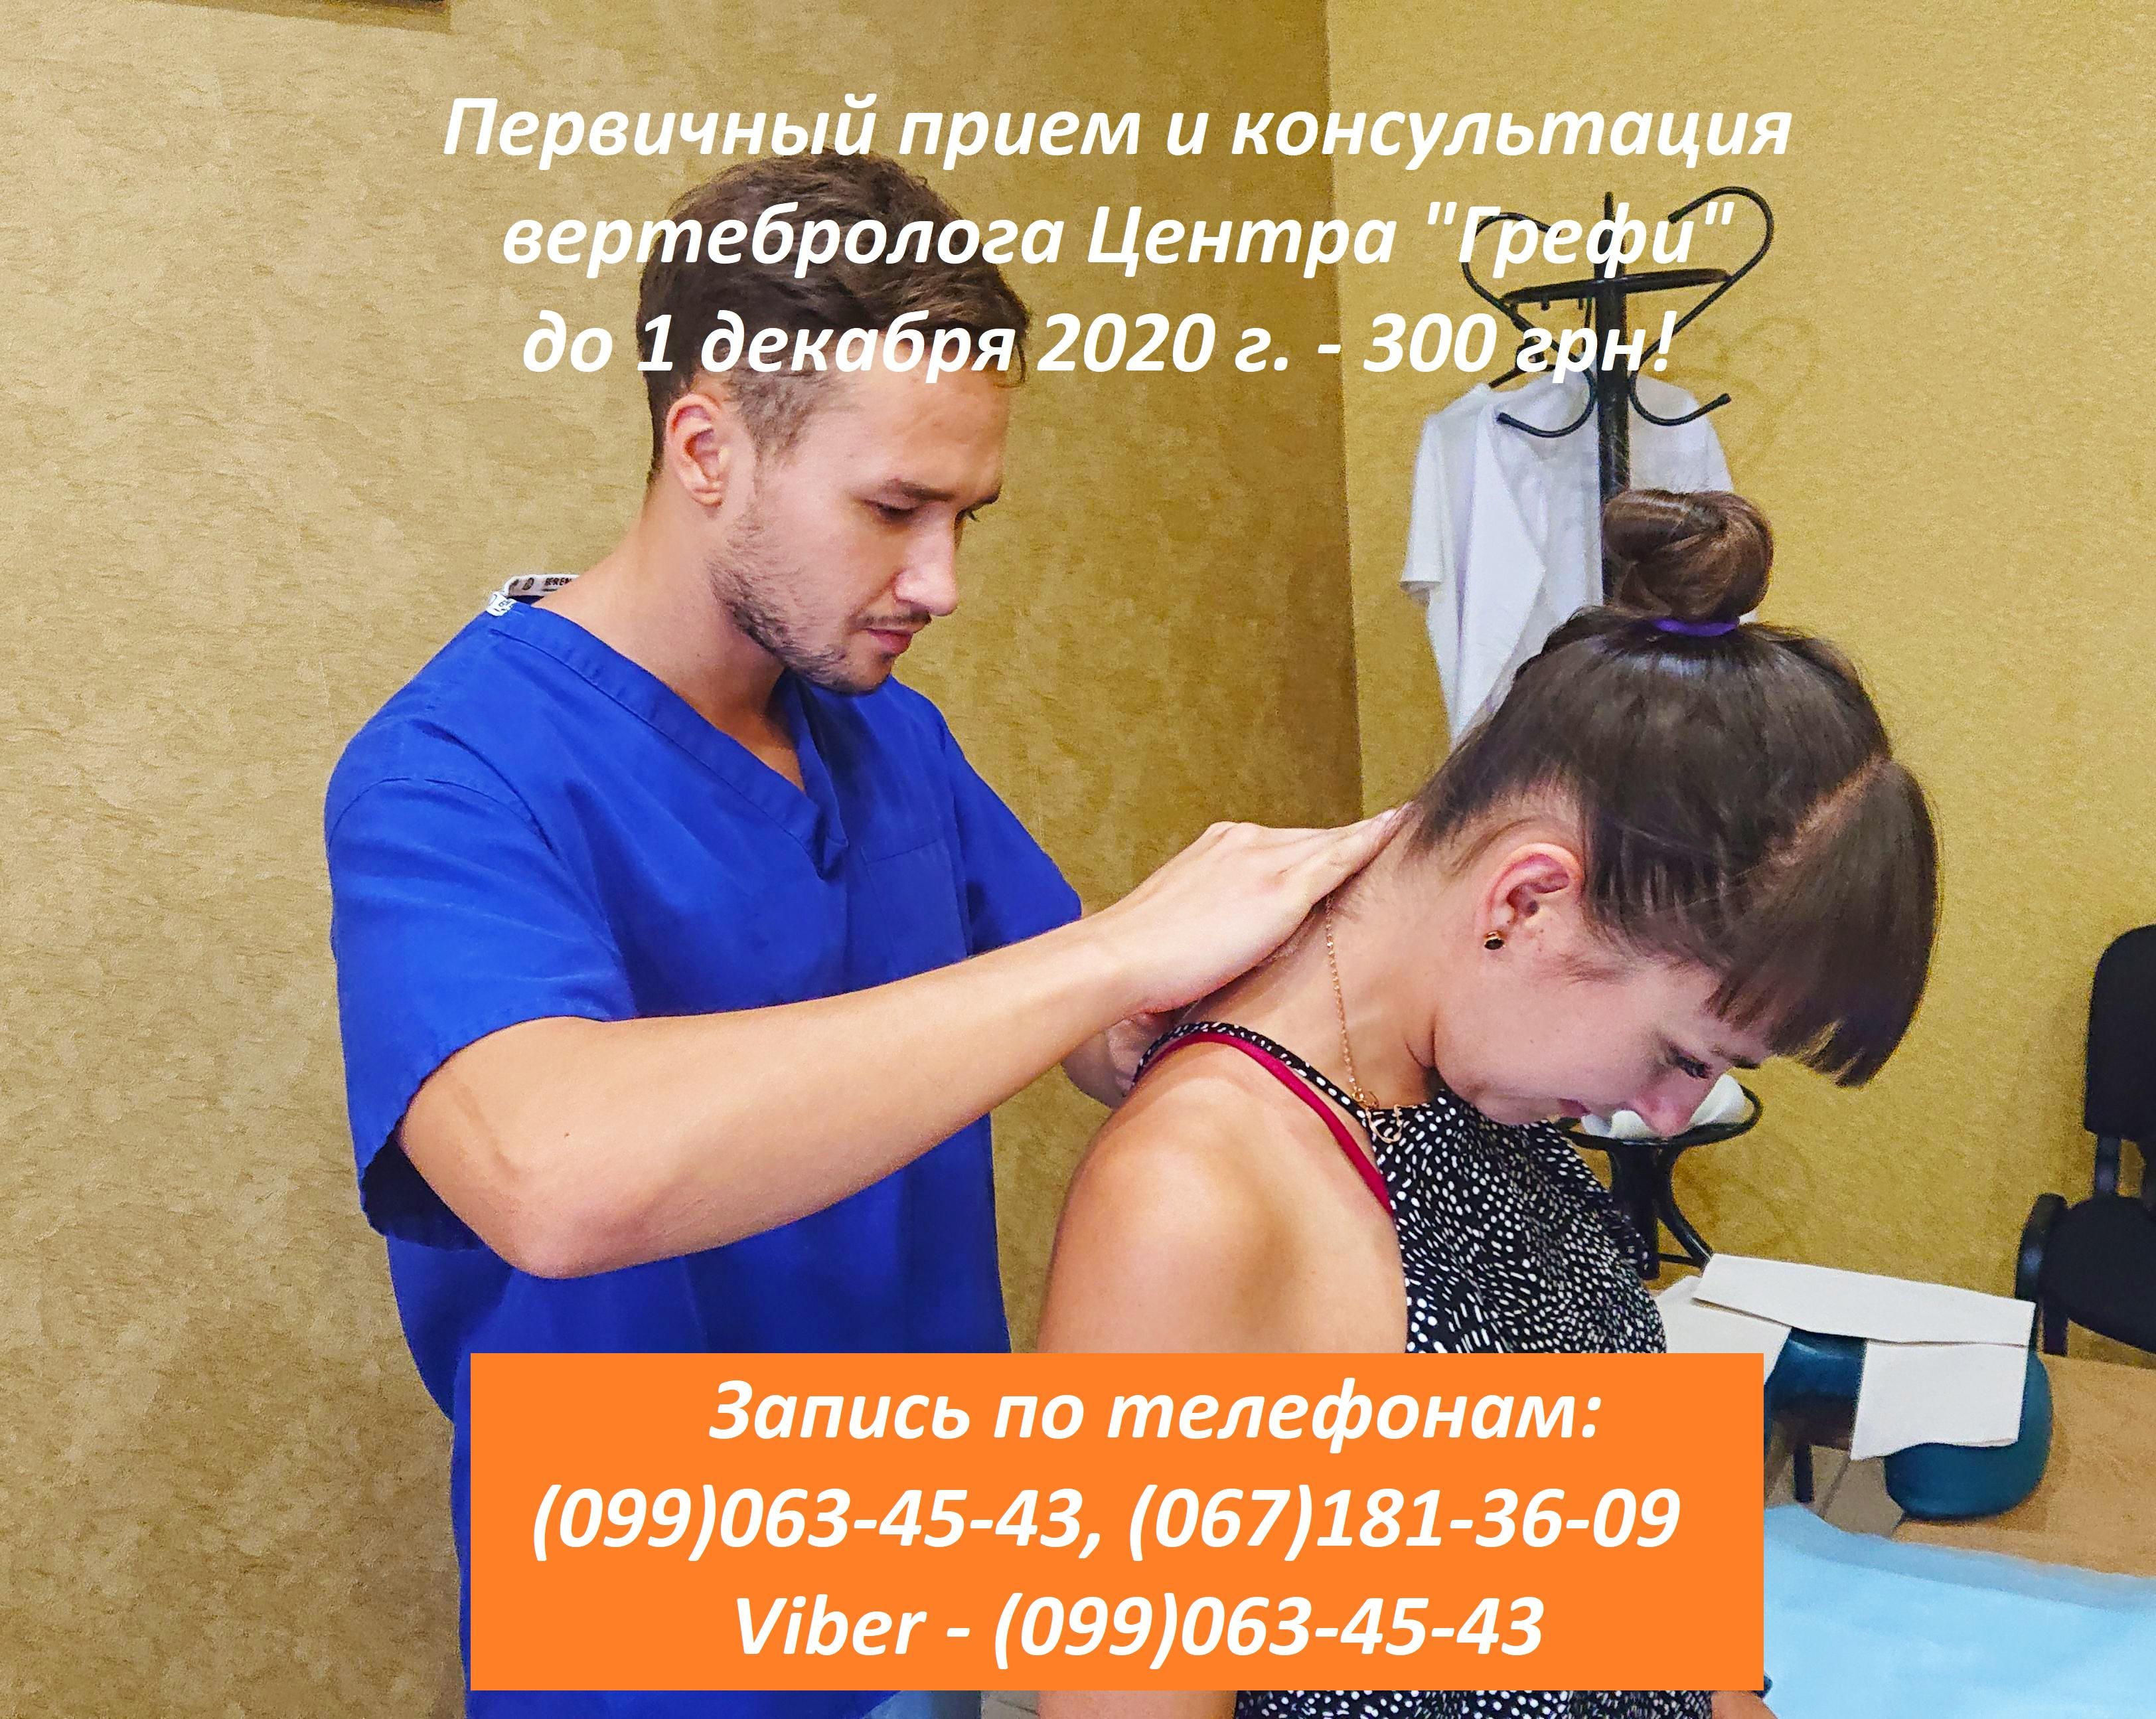 Прием вертебролога Запорожье Центра Грефи 300 грн